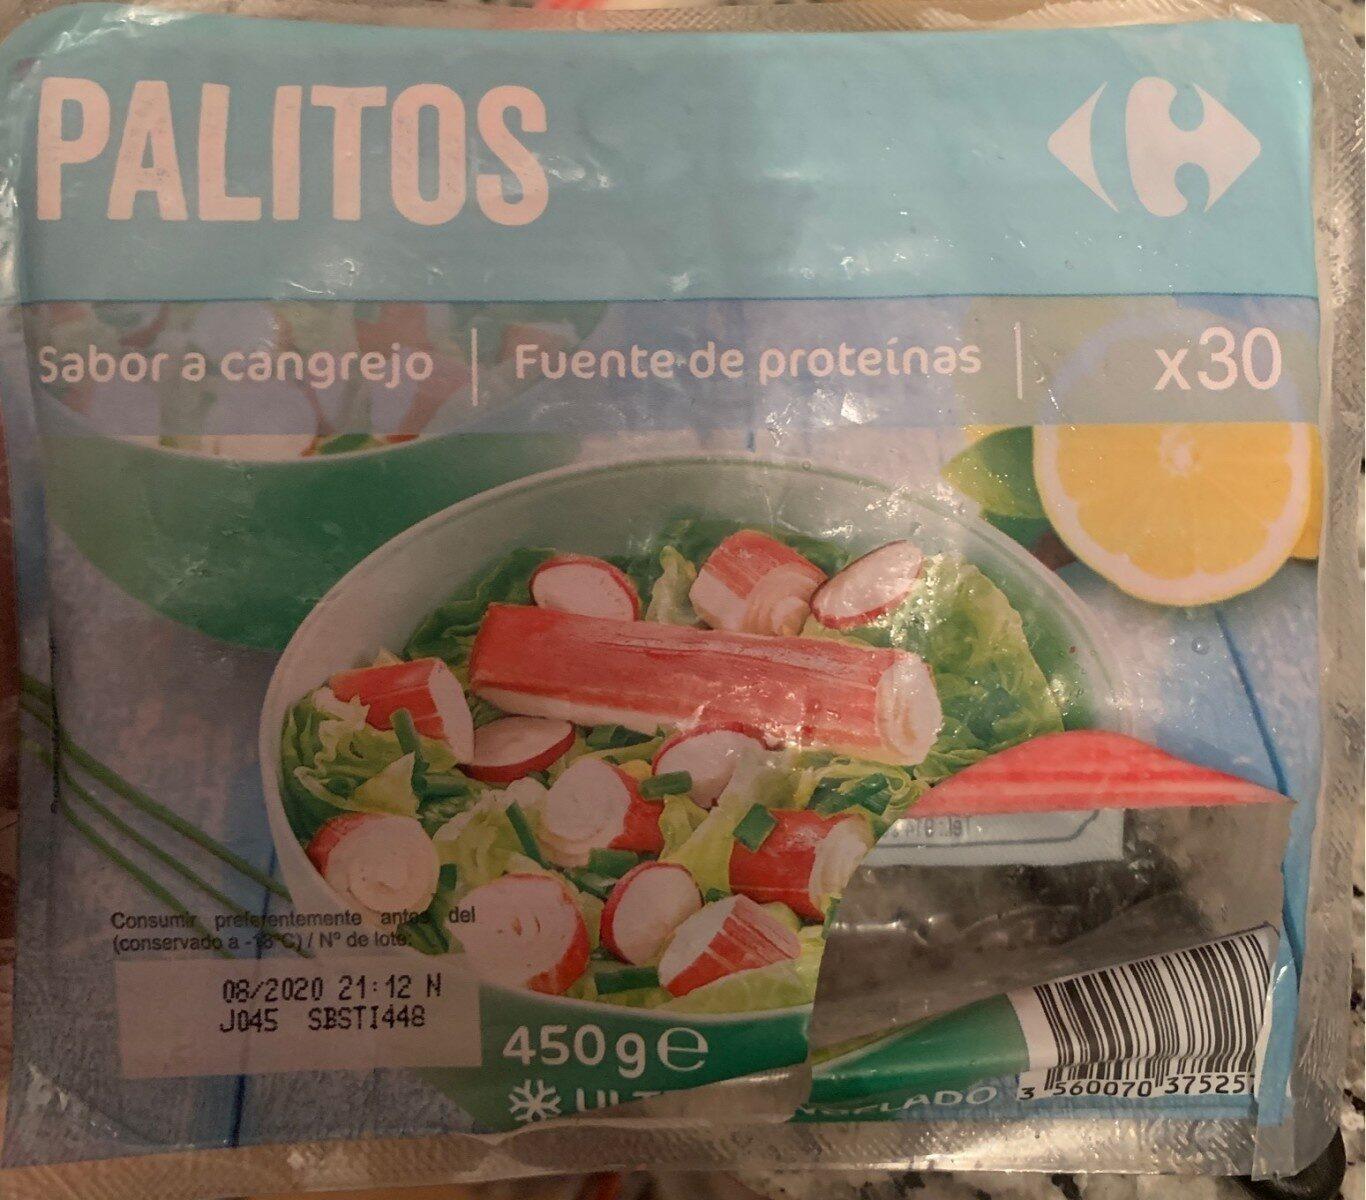 Palitos - Product - es